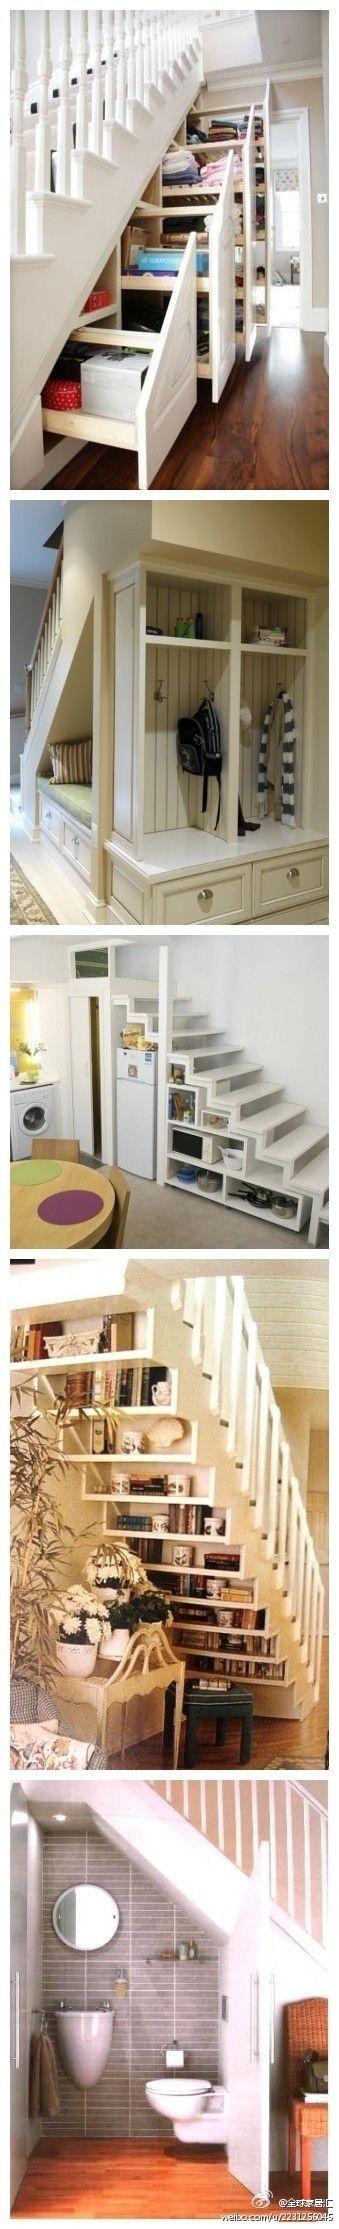 Письмо «Рекомендуемые Пины на тему «Мебель»» — Pinterest — Яндекс.Почта